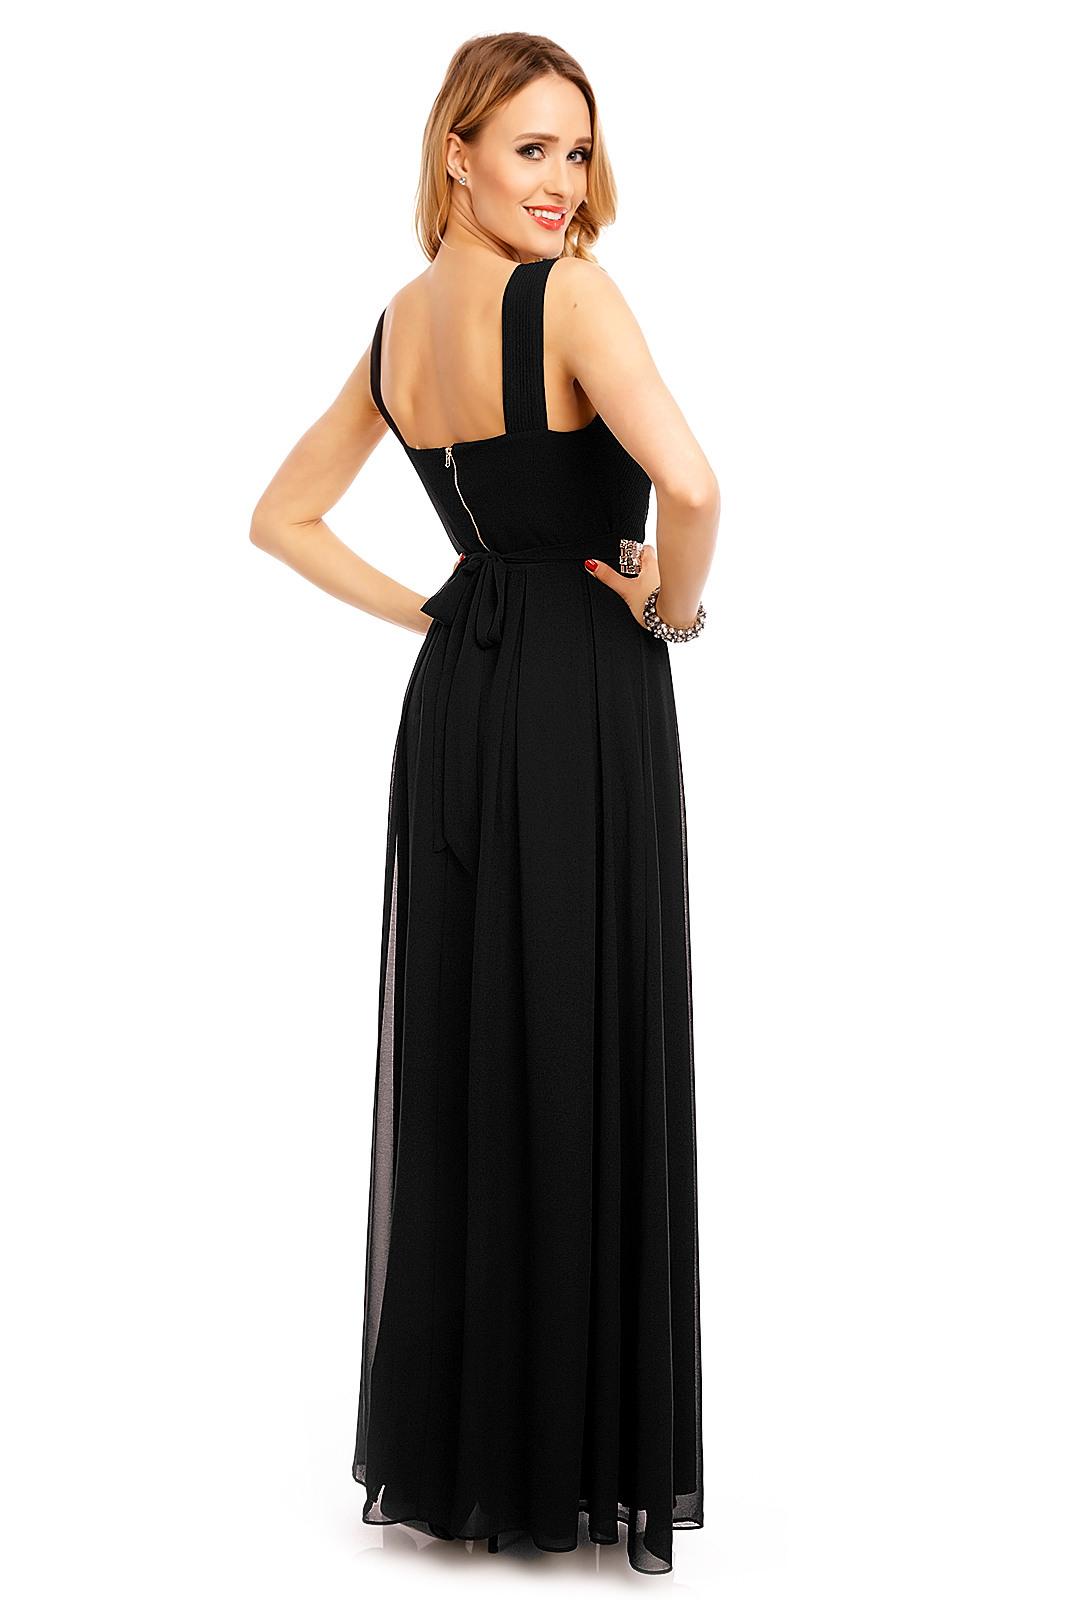 15 Leicht Abendkleid Xl Vertrieb17 Genial Abendkleid Xl Galerie